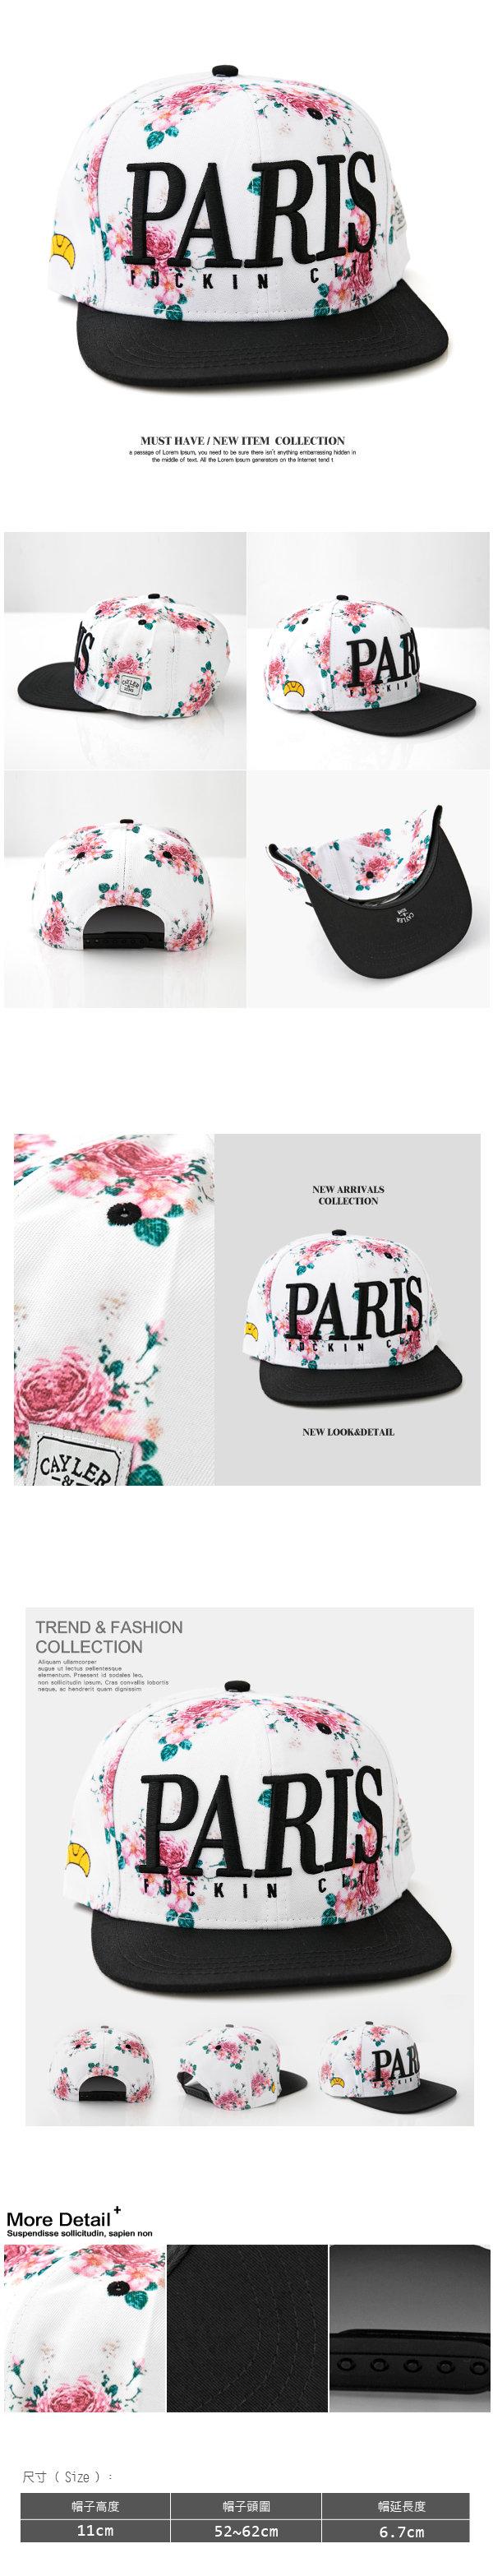 PARIS電繡 哪裡買 字母黑帽沿潮流平板帽??